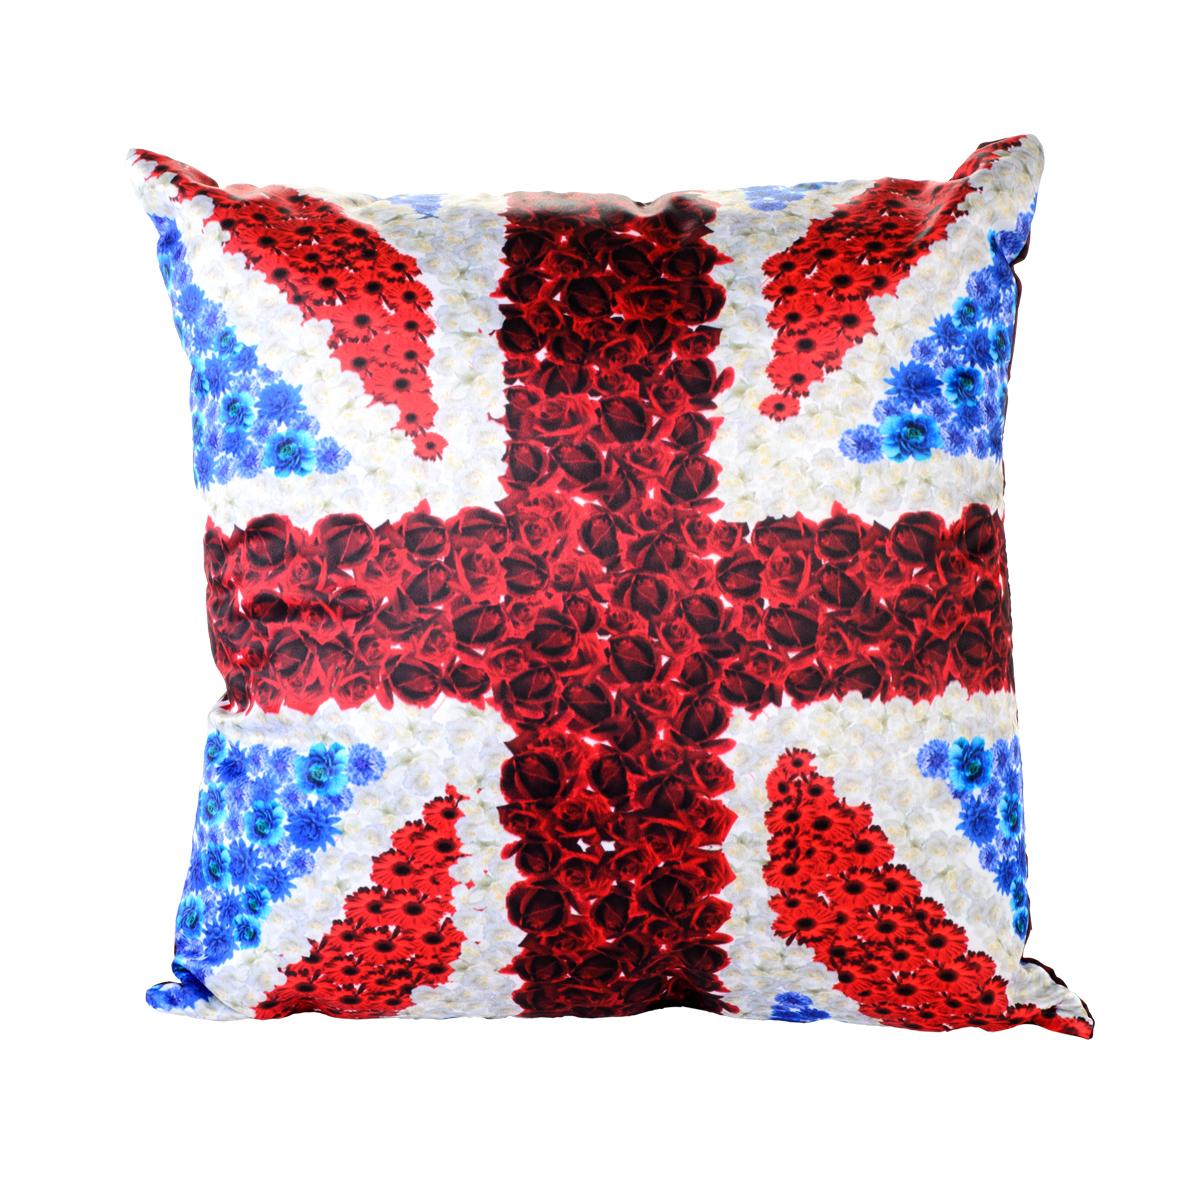 Подушка декоративная GiftnHome  Британский Флаг, 35 x 35 смBL-1BПодушка декоративная Британский Флаг 35x35 см. Наволочка 100% п/э атлас